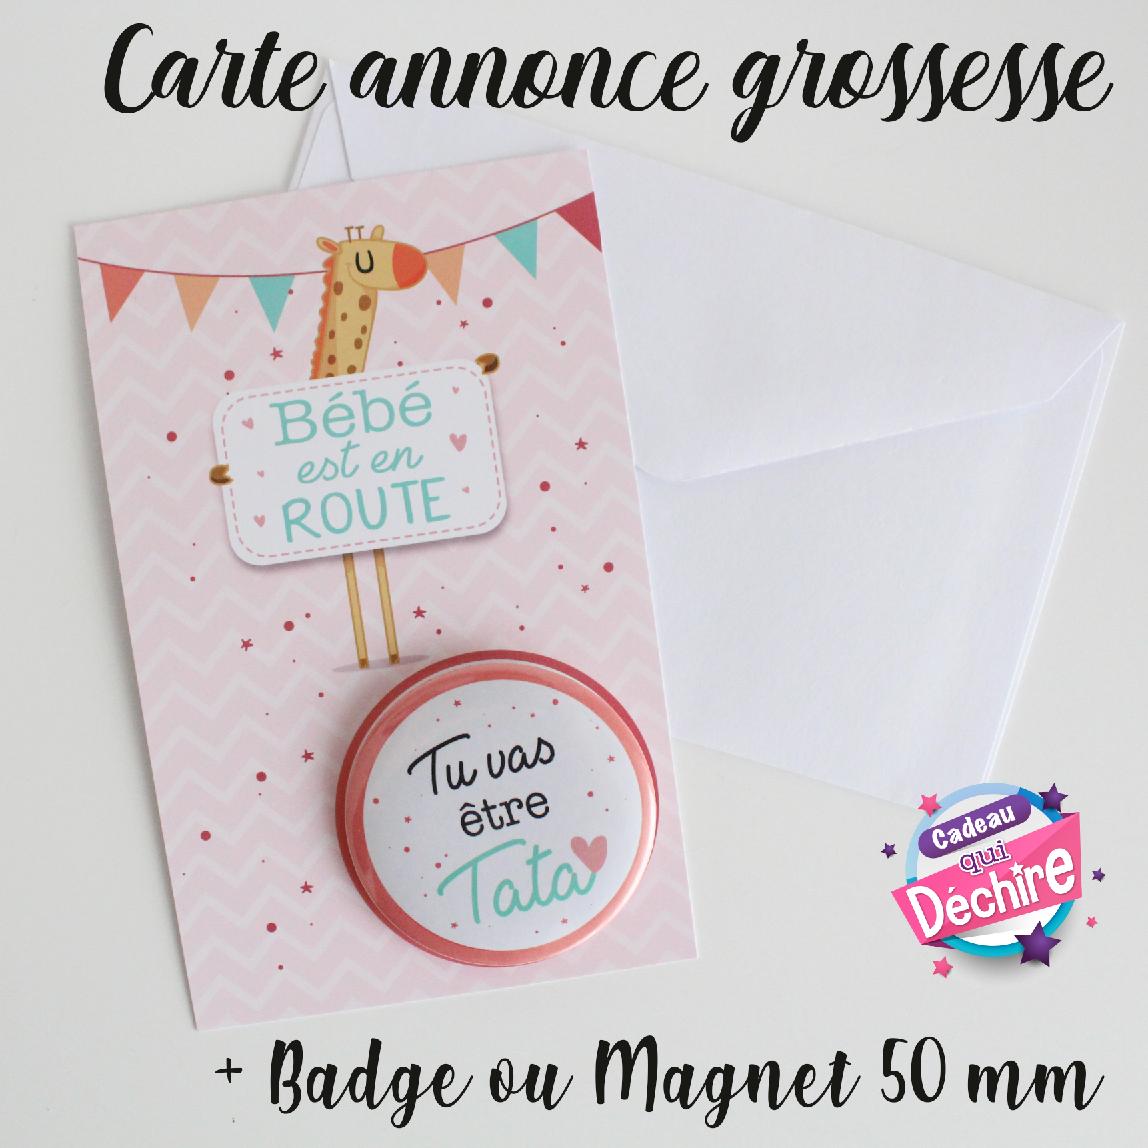 Carte annonce grossesse – Badge bientôt bébé – Magnet bientôt bébé – idées de cadeaux annonce bébé – badge ou magnet personnalisable